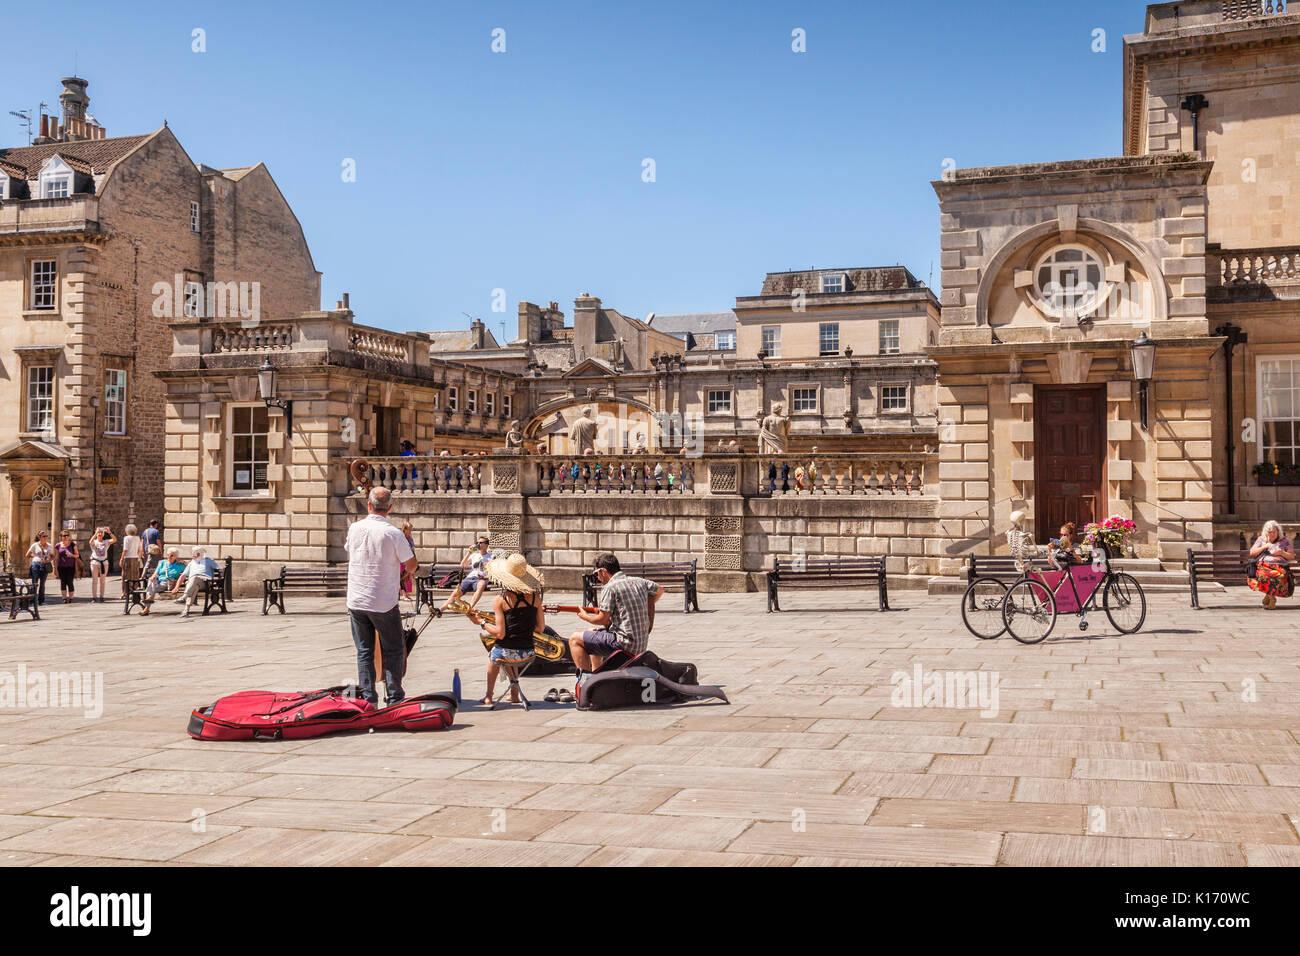 5 Juillet 2017: Bath, Somerset, England, UK - Kingston Buskers en parade, une petite place à côté des thermes romains. Photo Stock